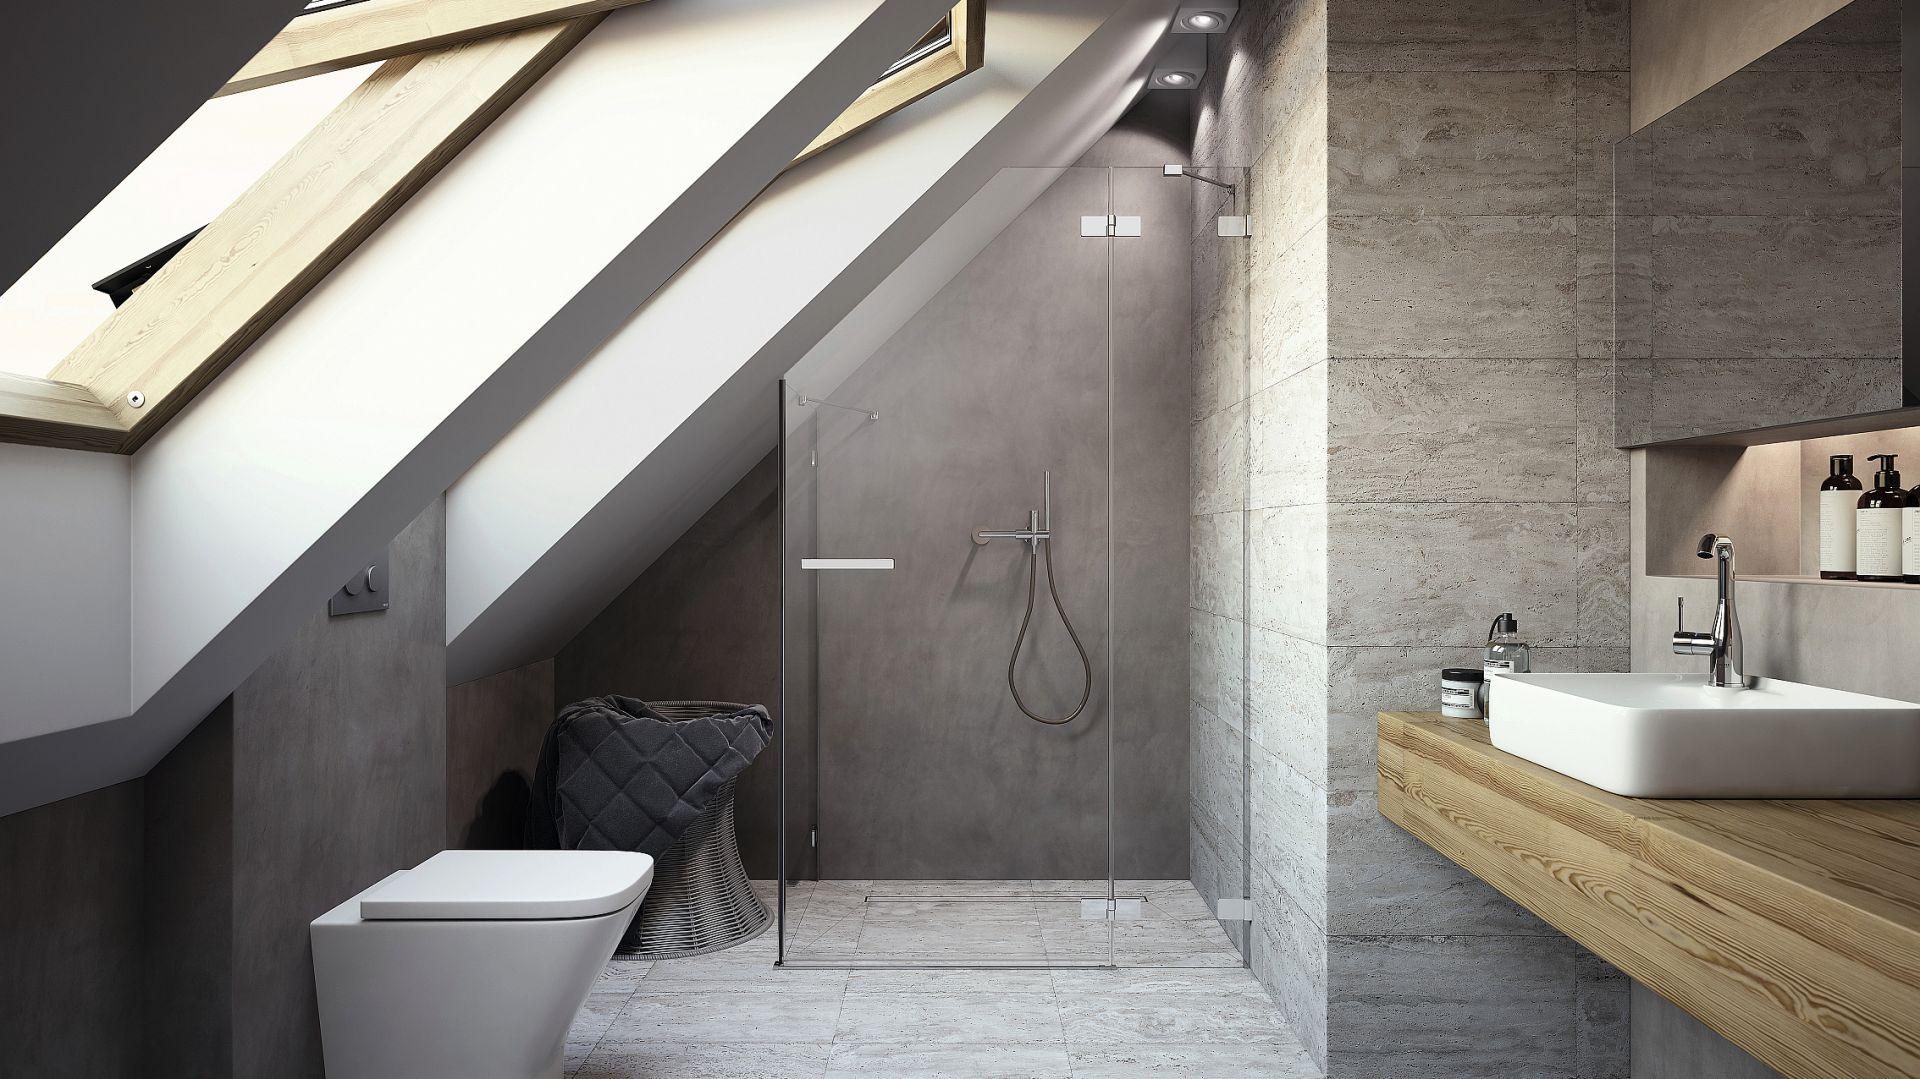 Nowoczesna łazienka Pomysły Na Strefę Prysznica